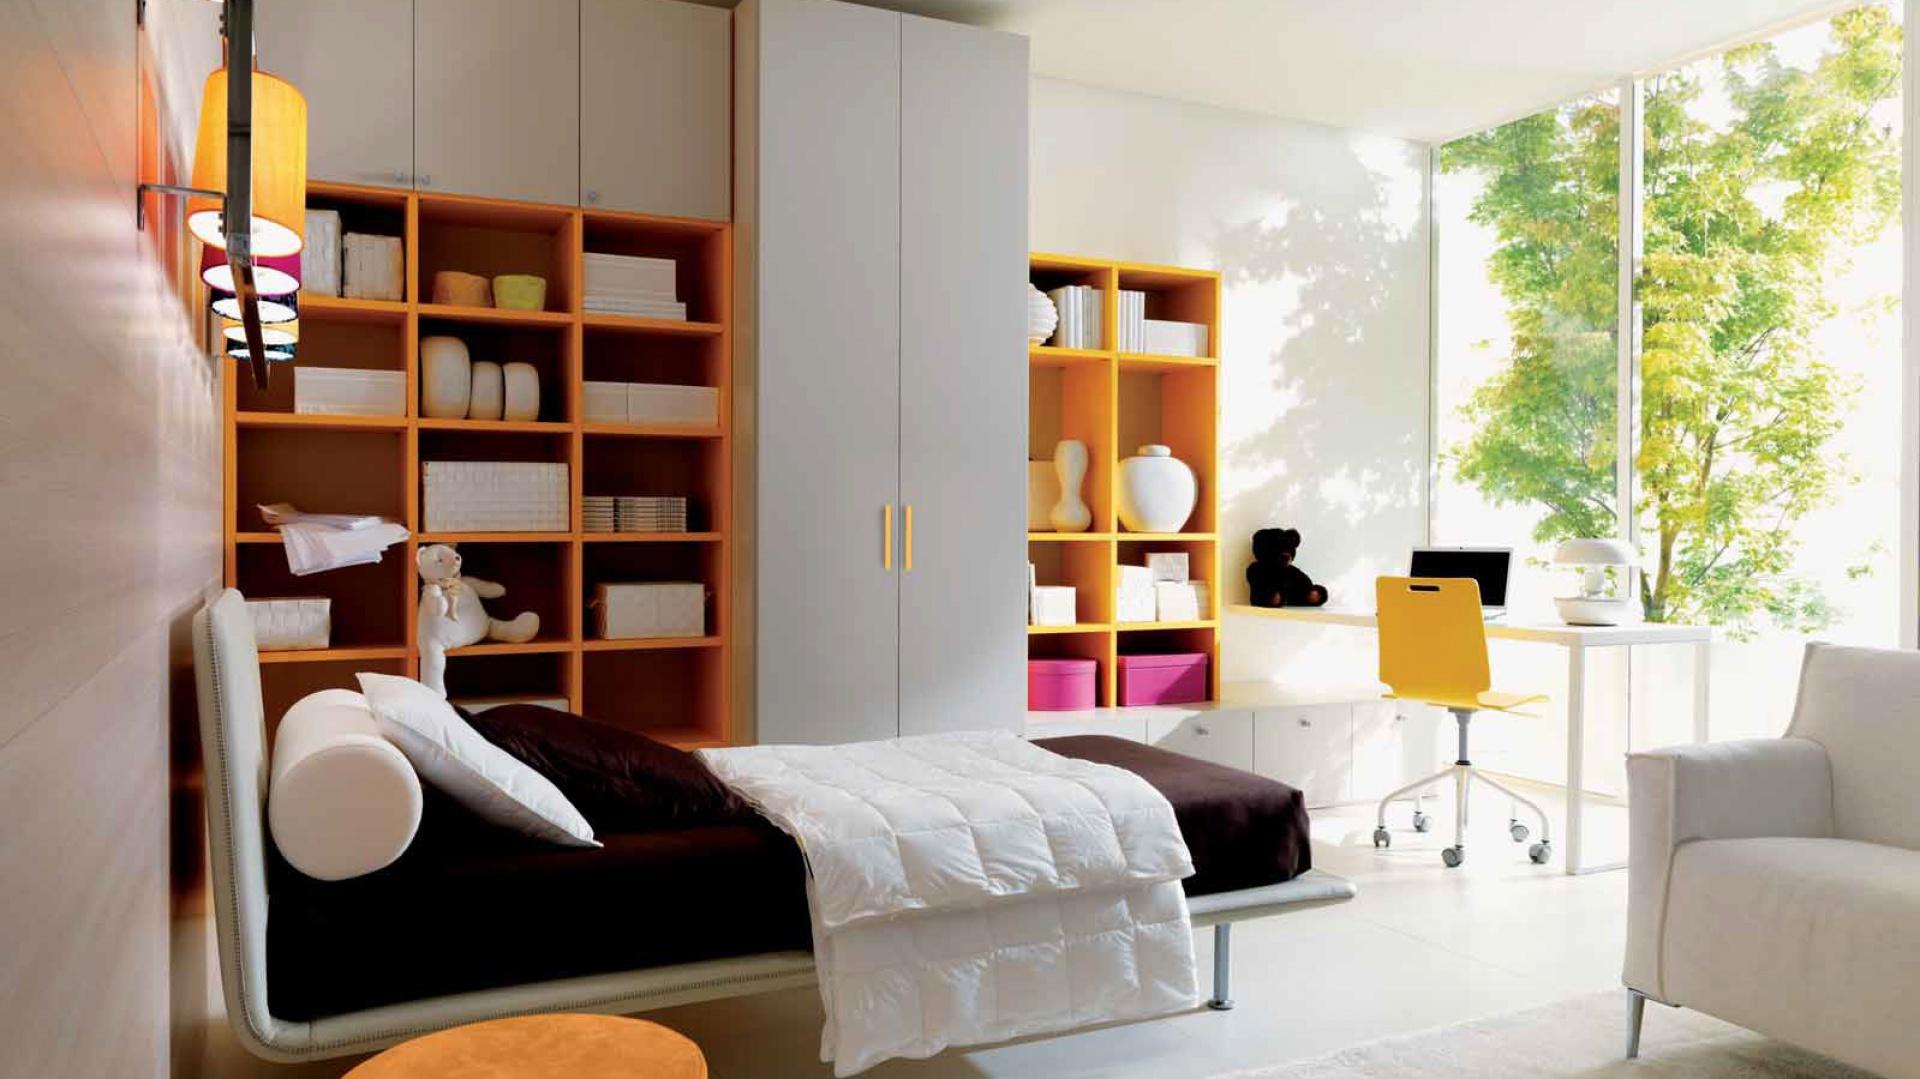 Pokój nastolatki zaprojektowano tak, aby znalazło się w nim miejsce do nauki, snu, a także przestrzeń do spotkań z kolegami czy koleżankami. Fot. Doimo Cityline.